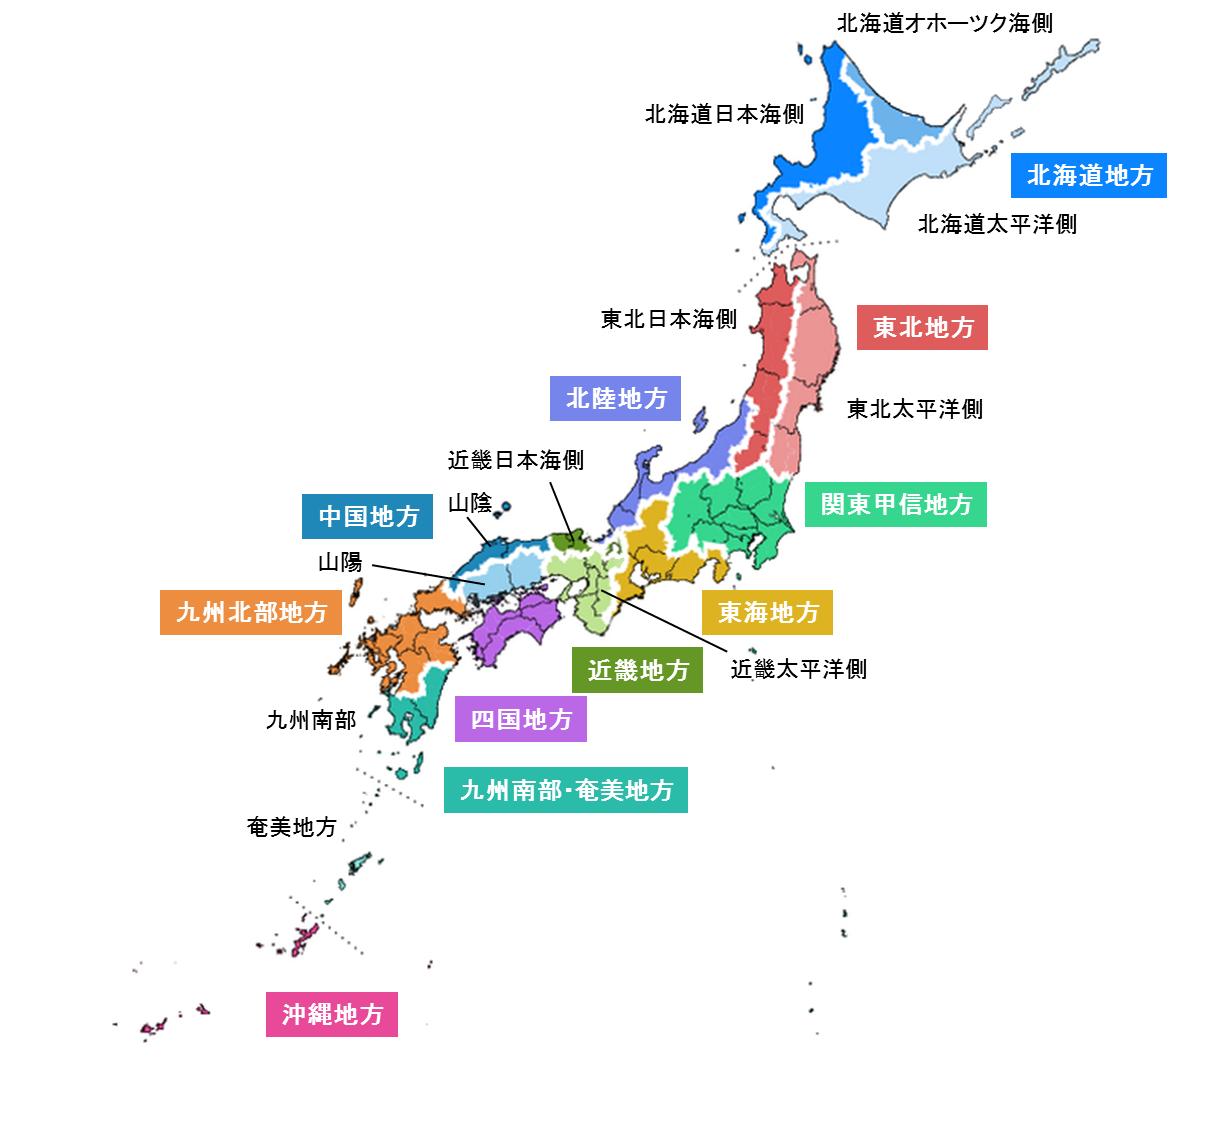 日本地図 地方区分 マップ